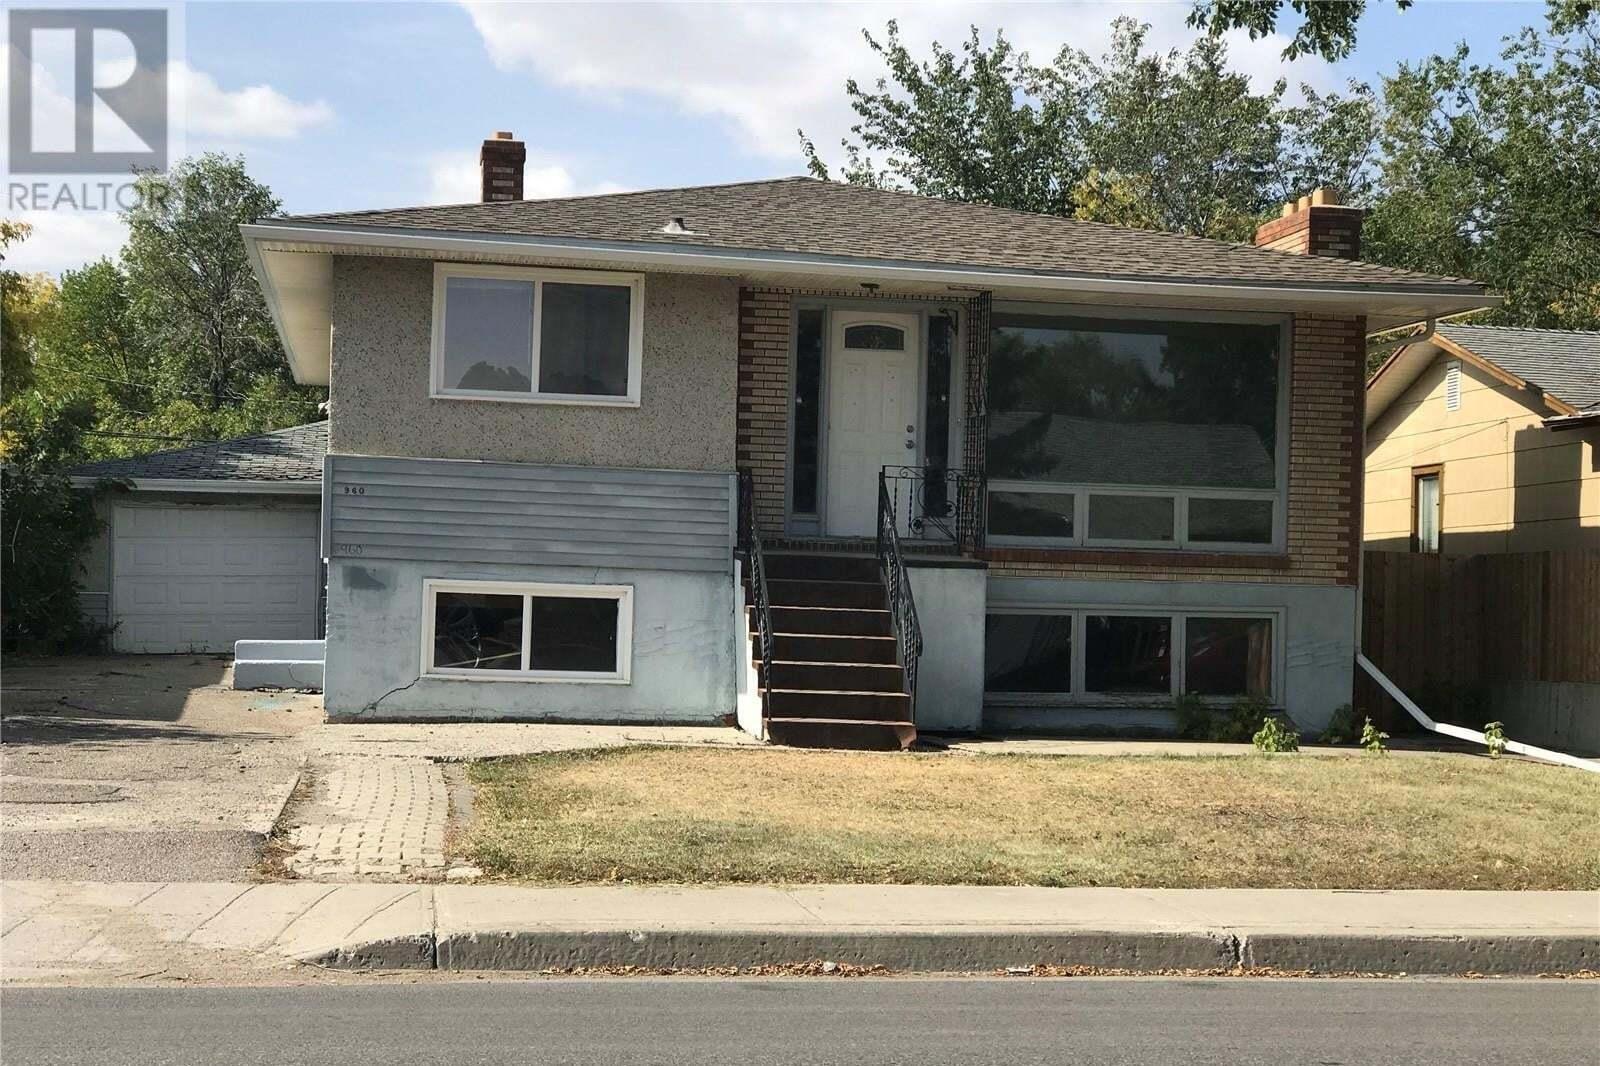 House for sale at 960 Elphinstone St Regina Saskatchewan - MLS: SK826803